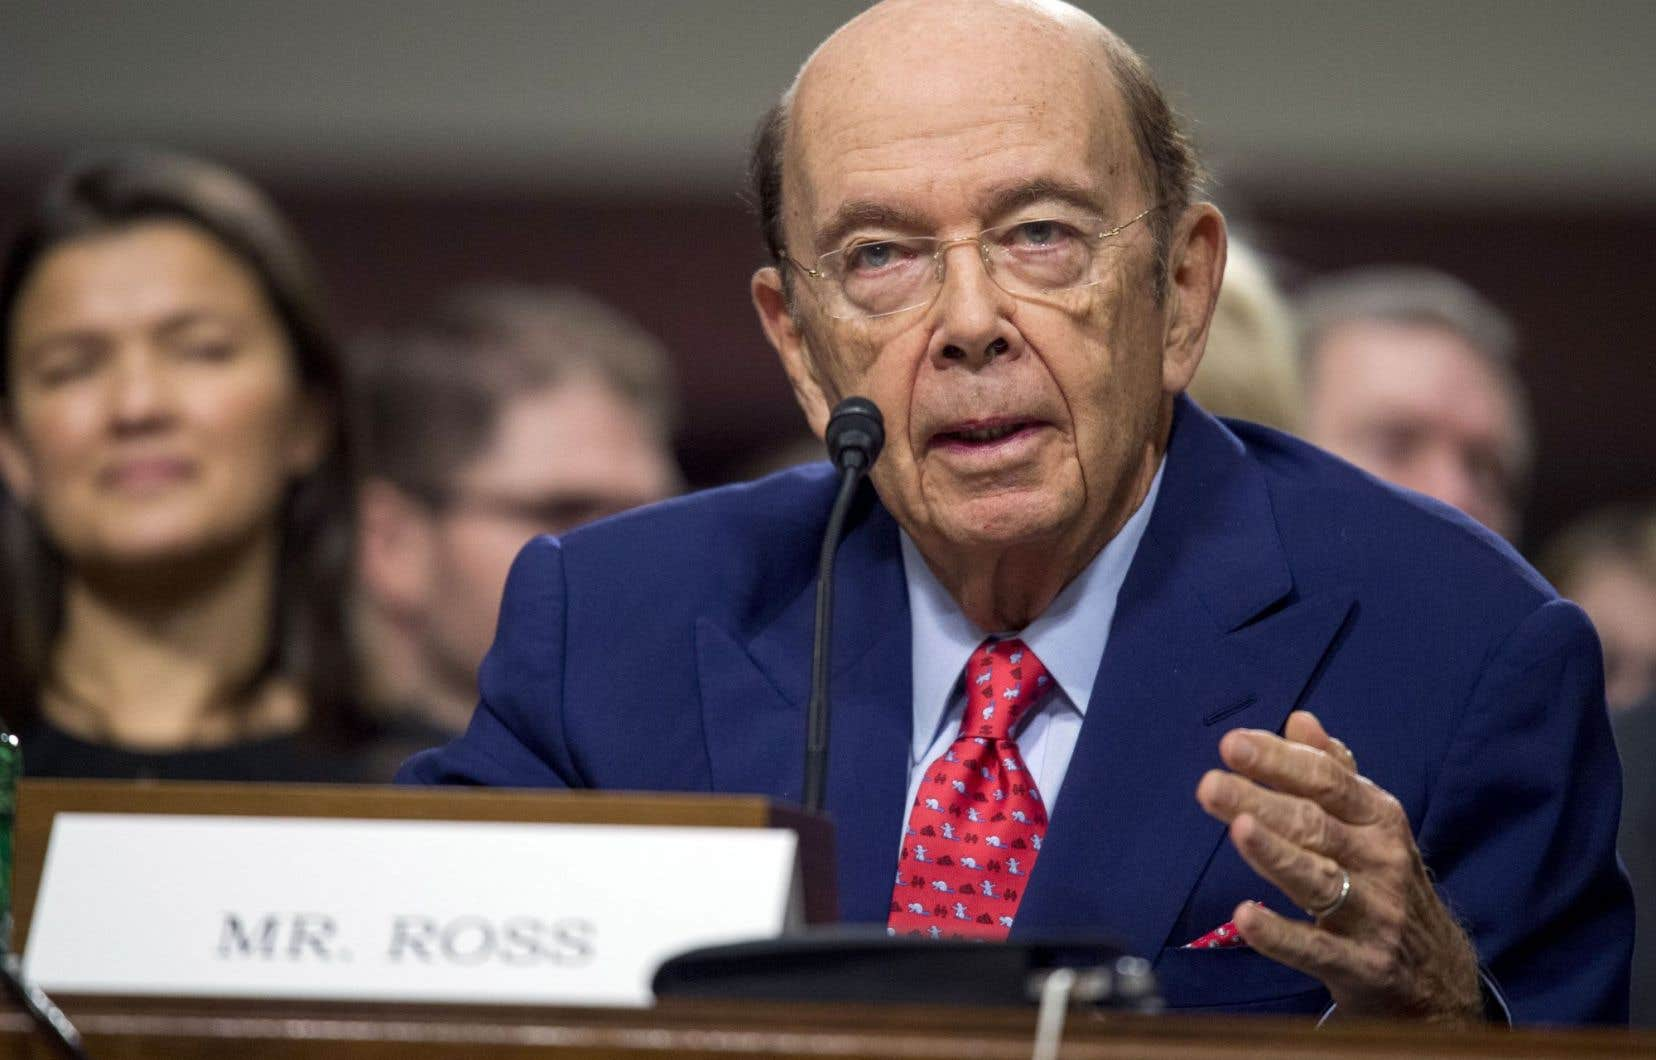 Le secrétaire au Commerce, le milliardaire Wilbur Ross, prendra part aux pourparlers sur l'ALENA.